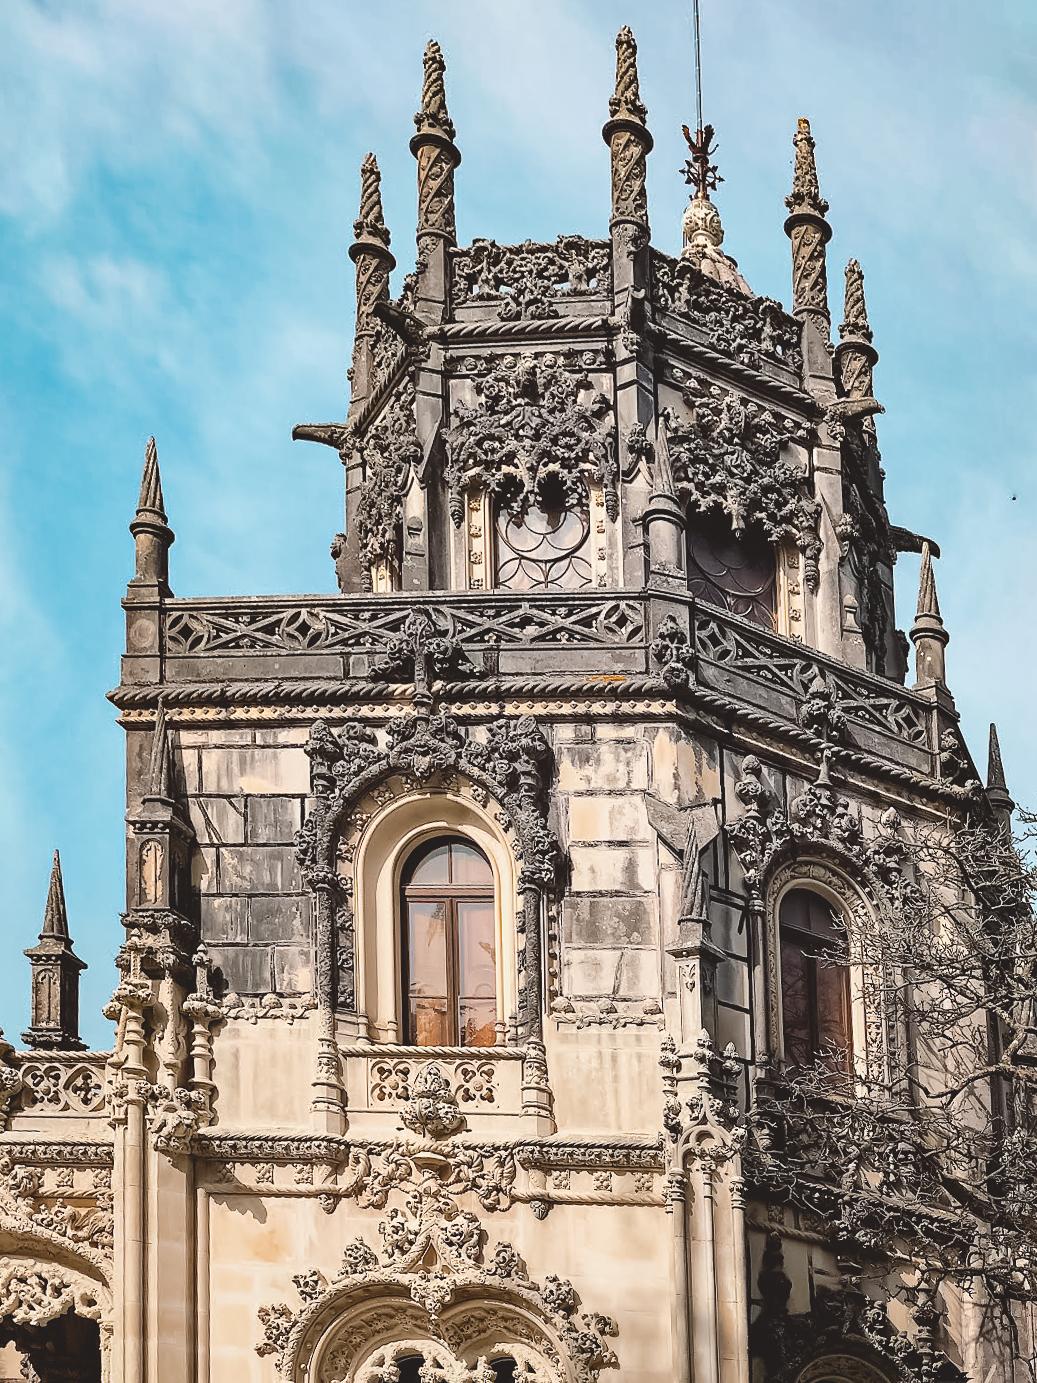 Quinta-da-Regaleira-architecture